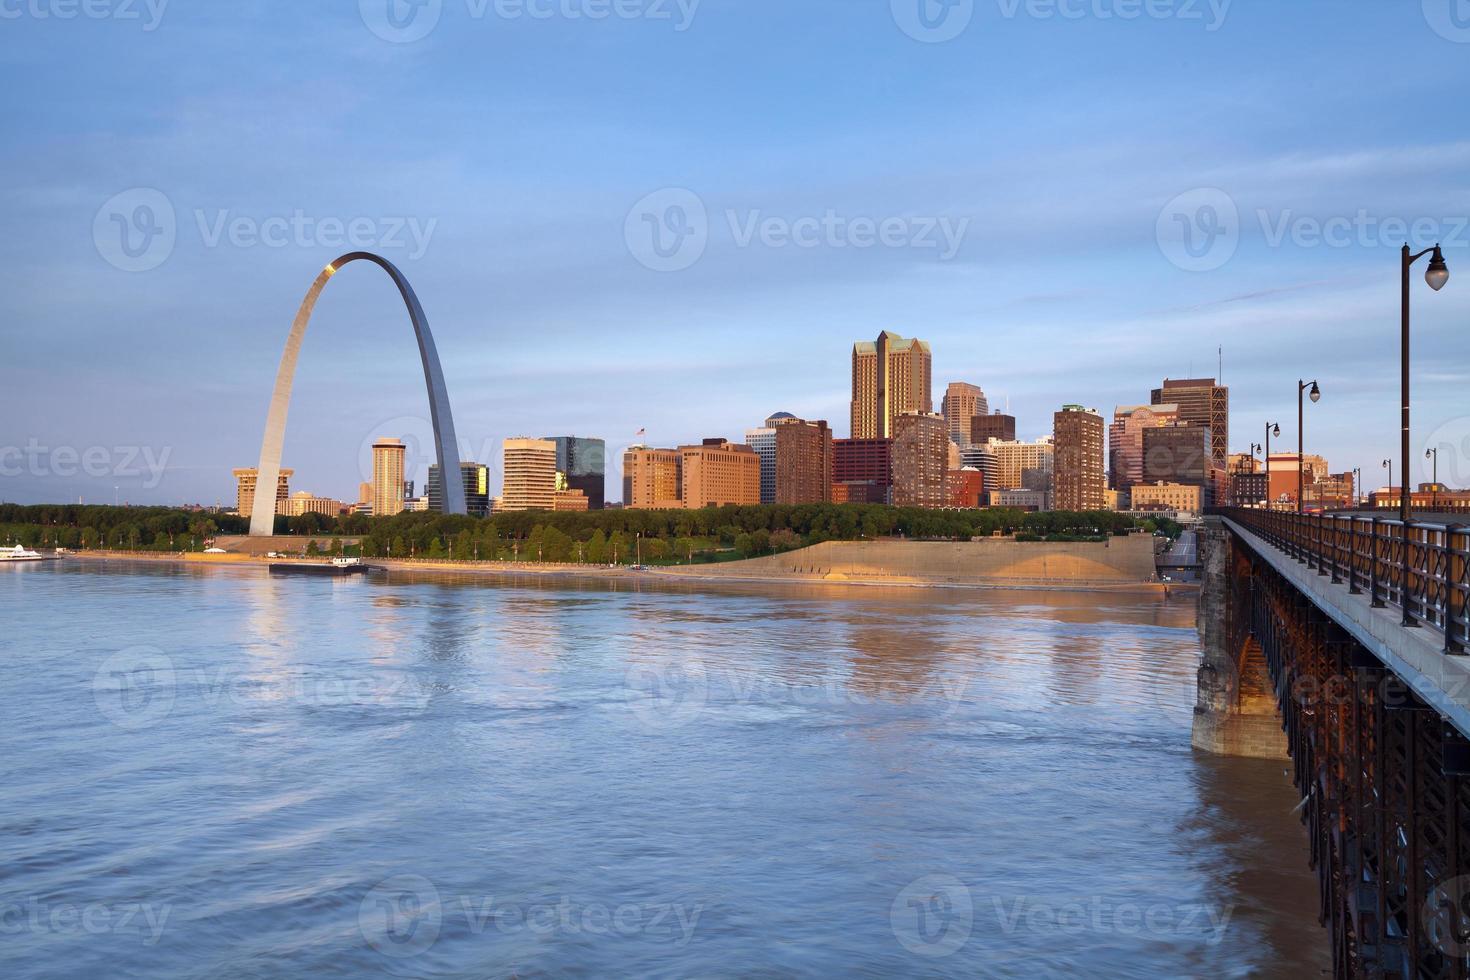 St. Louis. photo